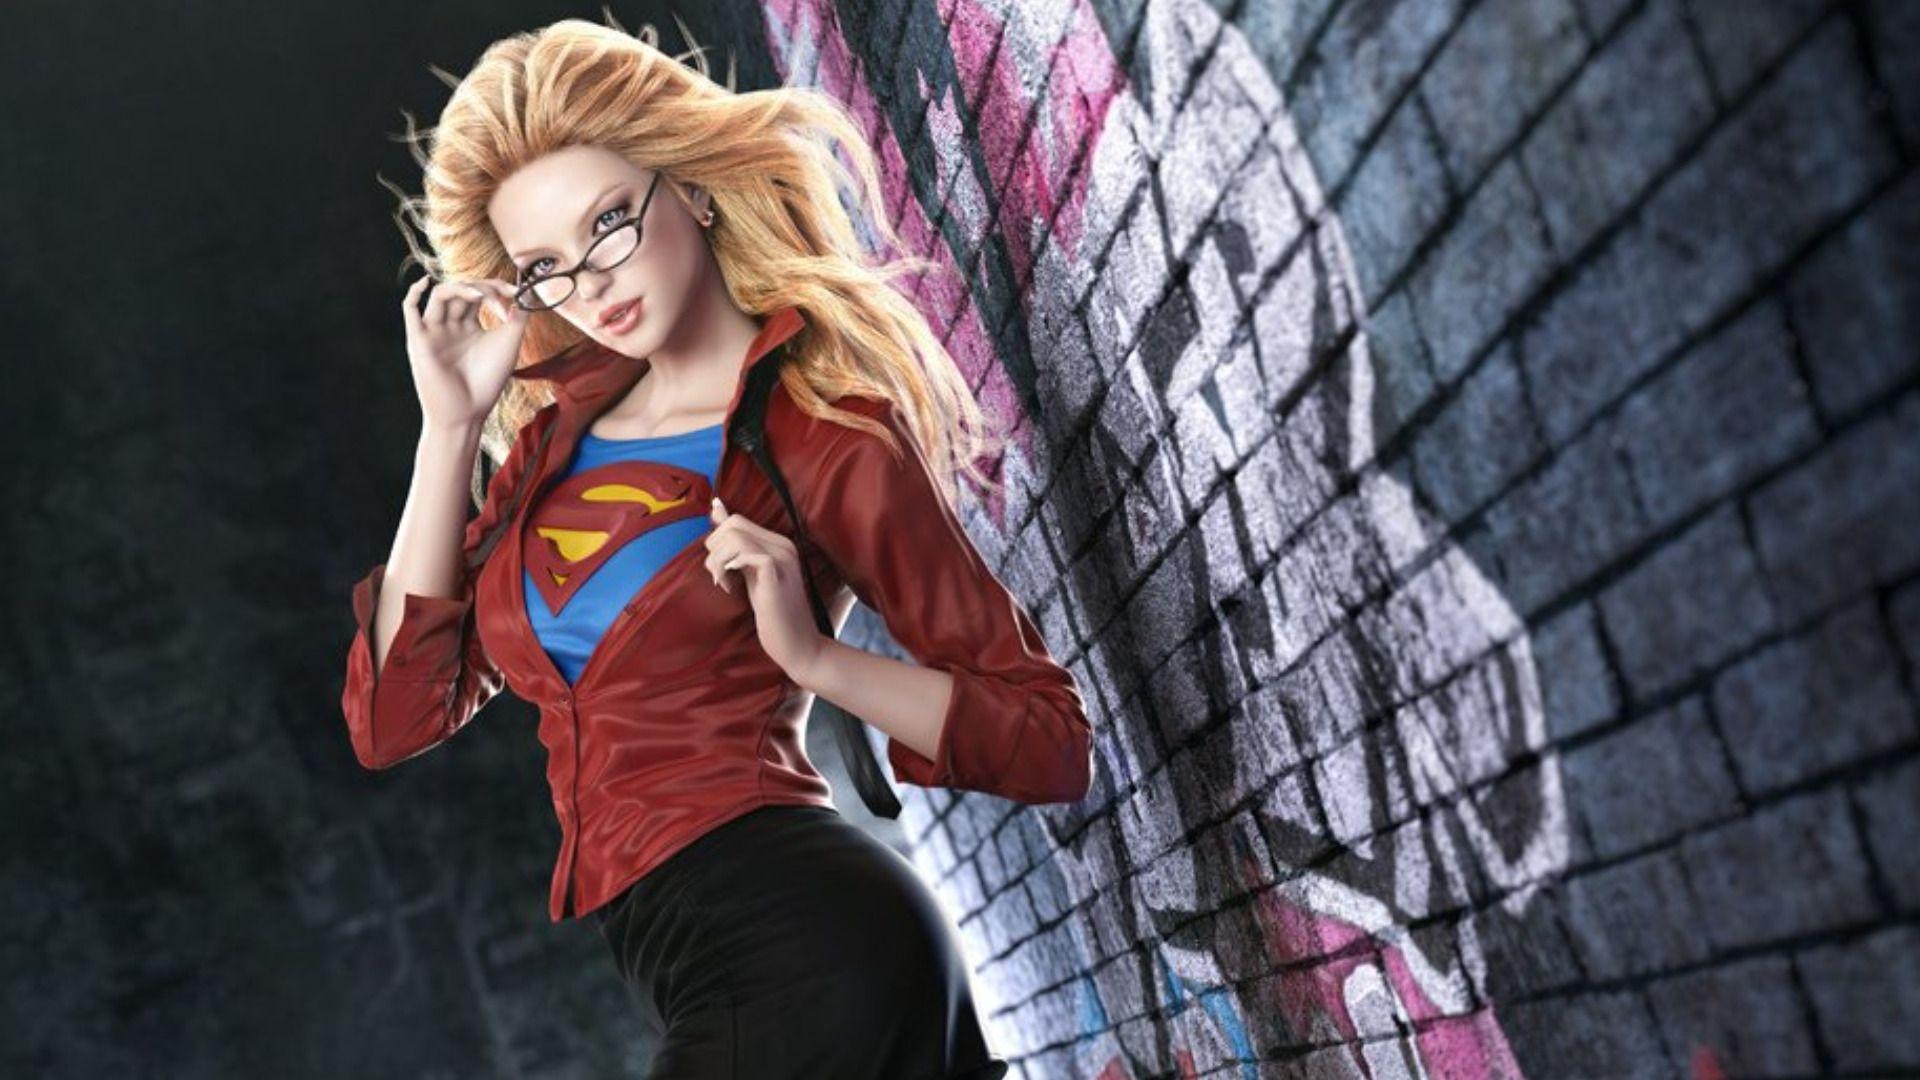 Картинки для смартфона с супергероями основным